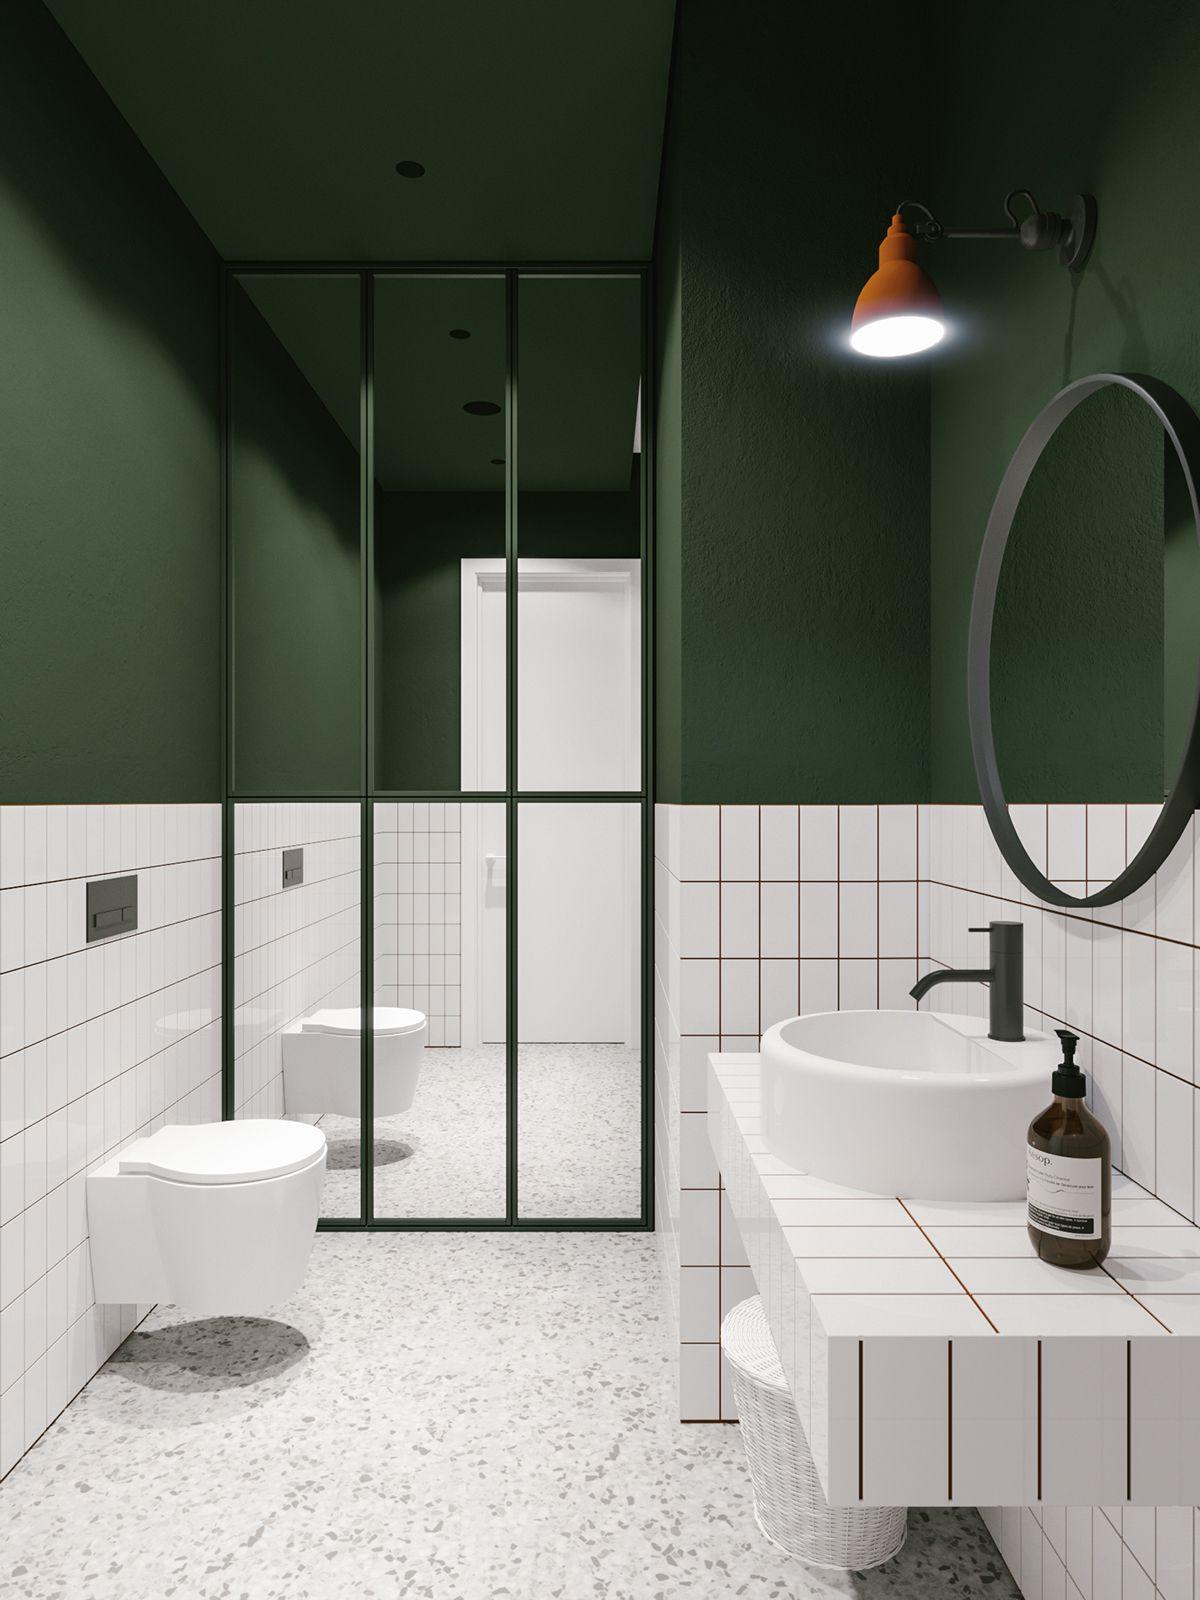 Odes Salon Interior Design | Einrichtung | Badezimmer, Badezimmer ...